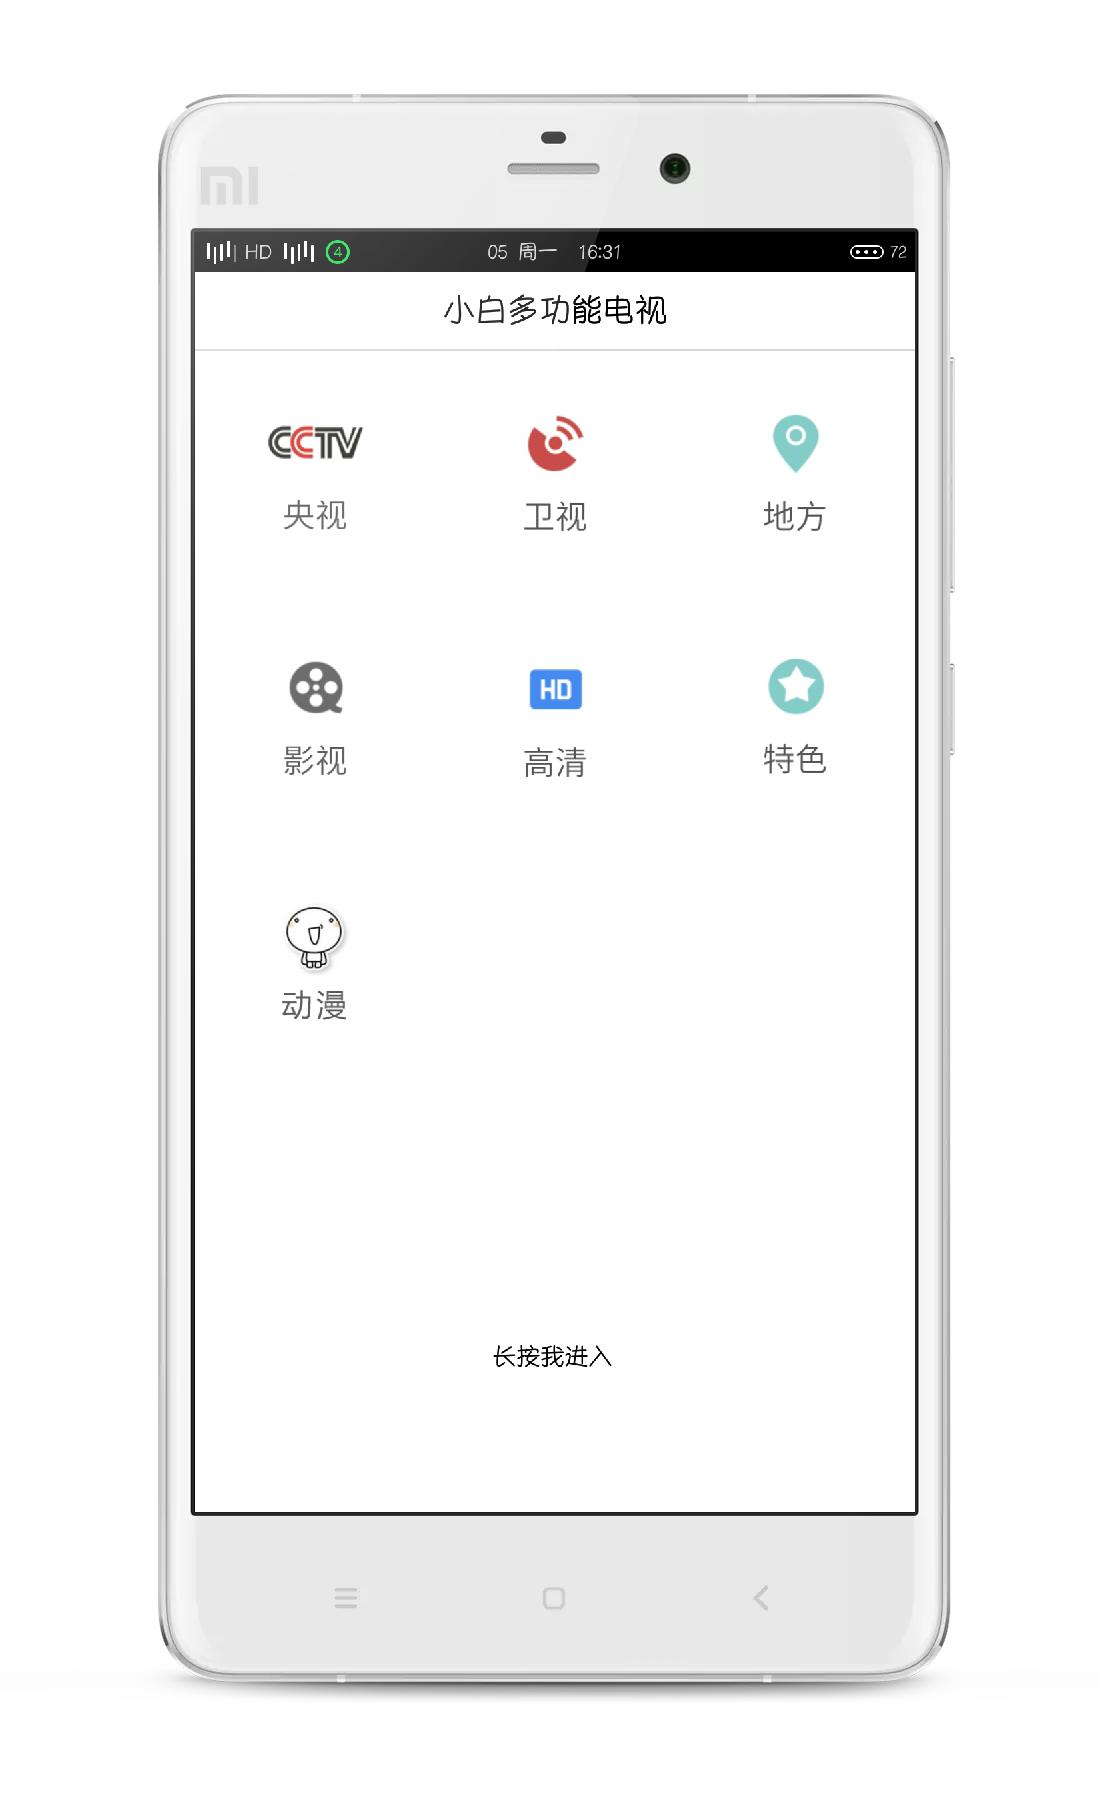 【Android】多功能看电视APP 1.0测试版